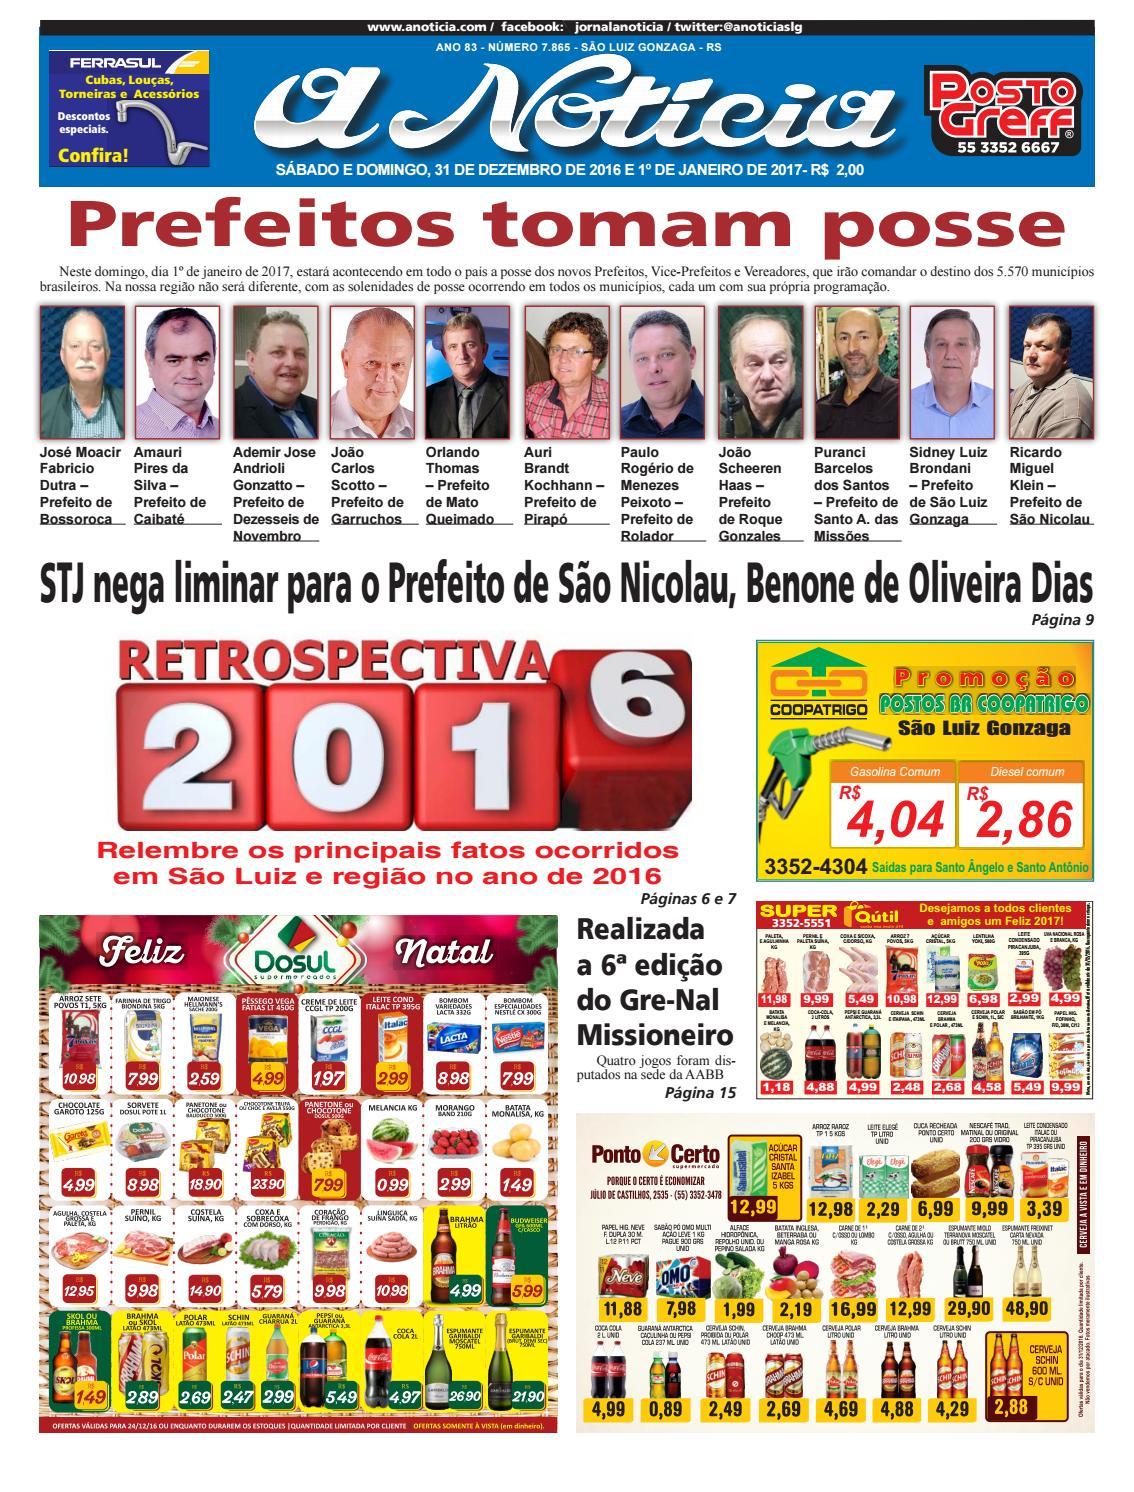 Edição de 31 de dezembro de 2016 e 1º de janeiro de 2017